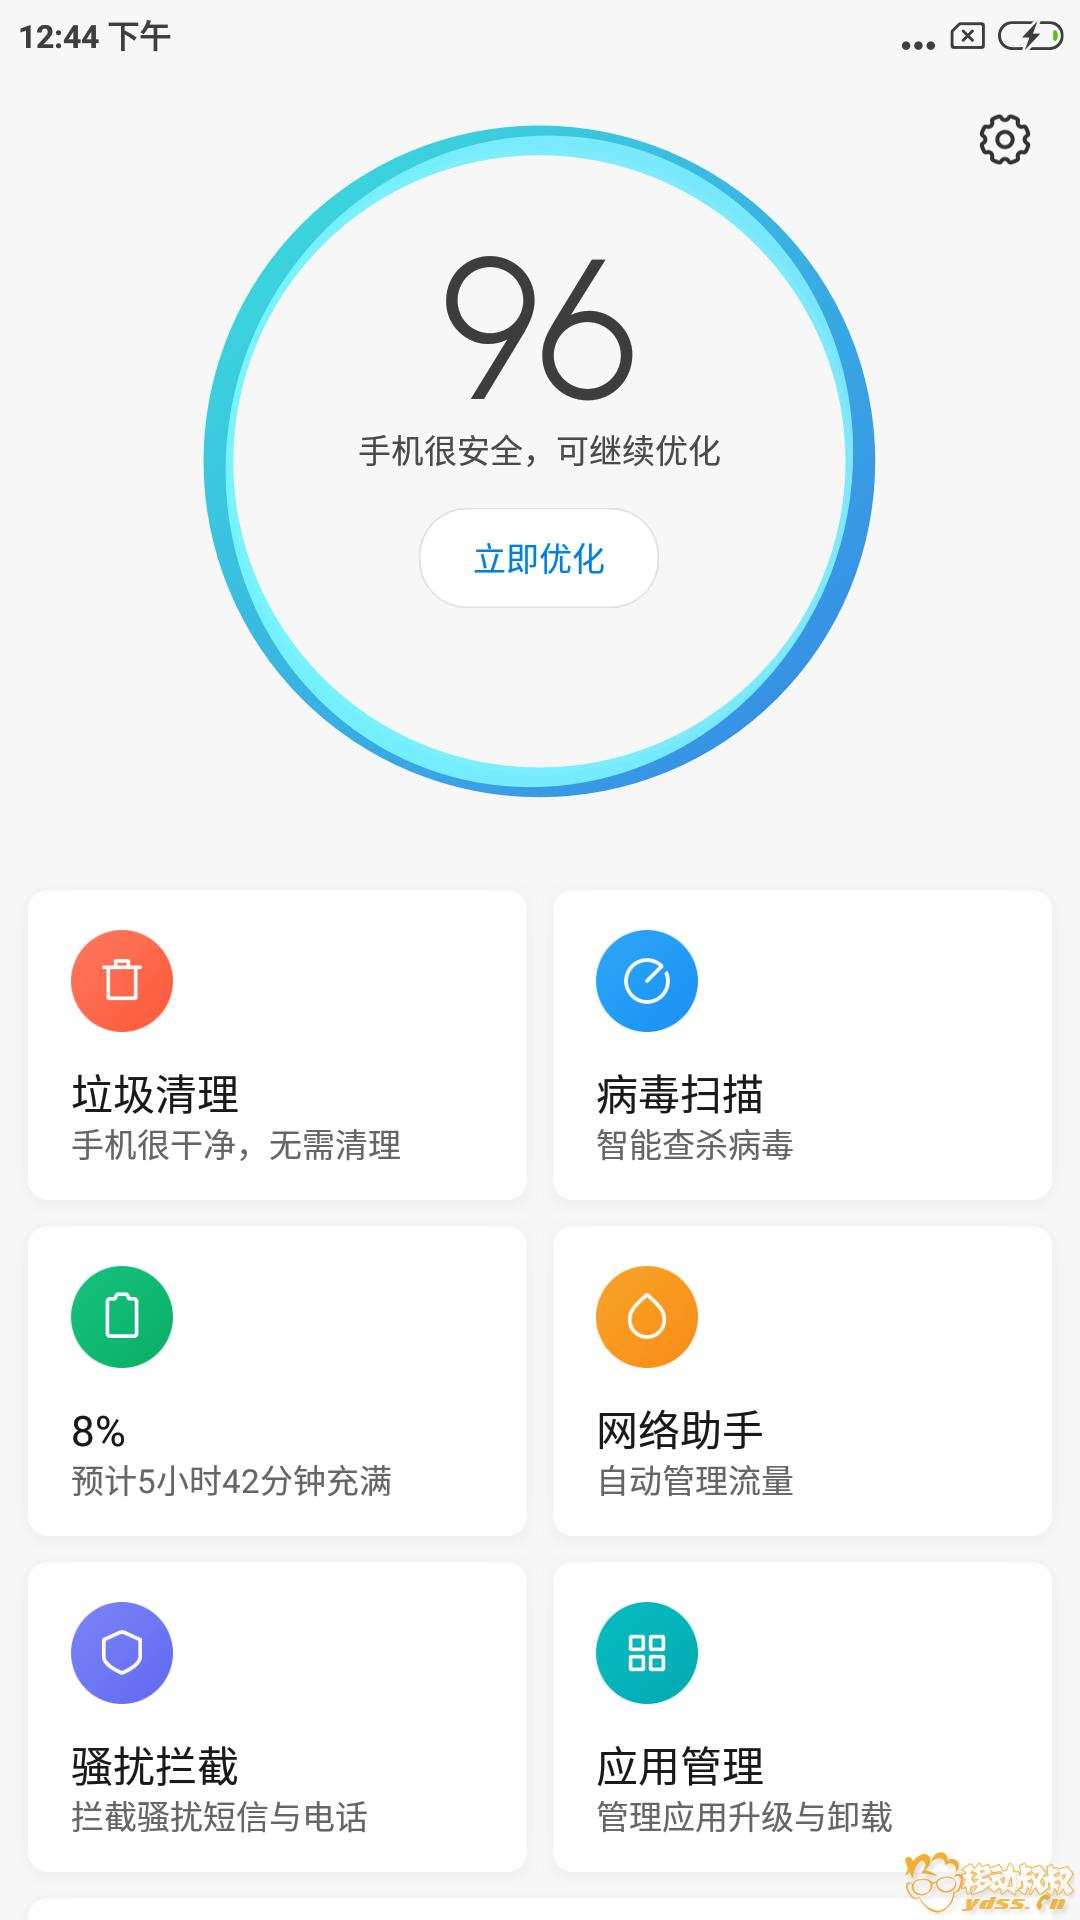 Screenshot_2018-10-11-12-44-17-223_com.miui.securitycenter.png